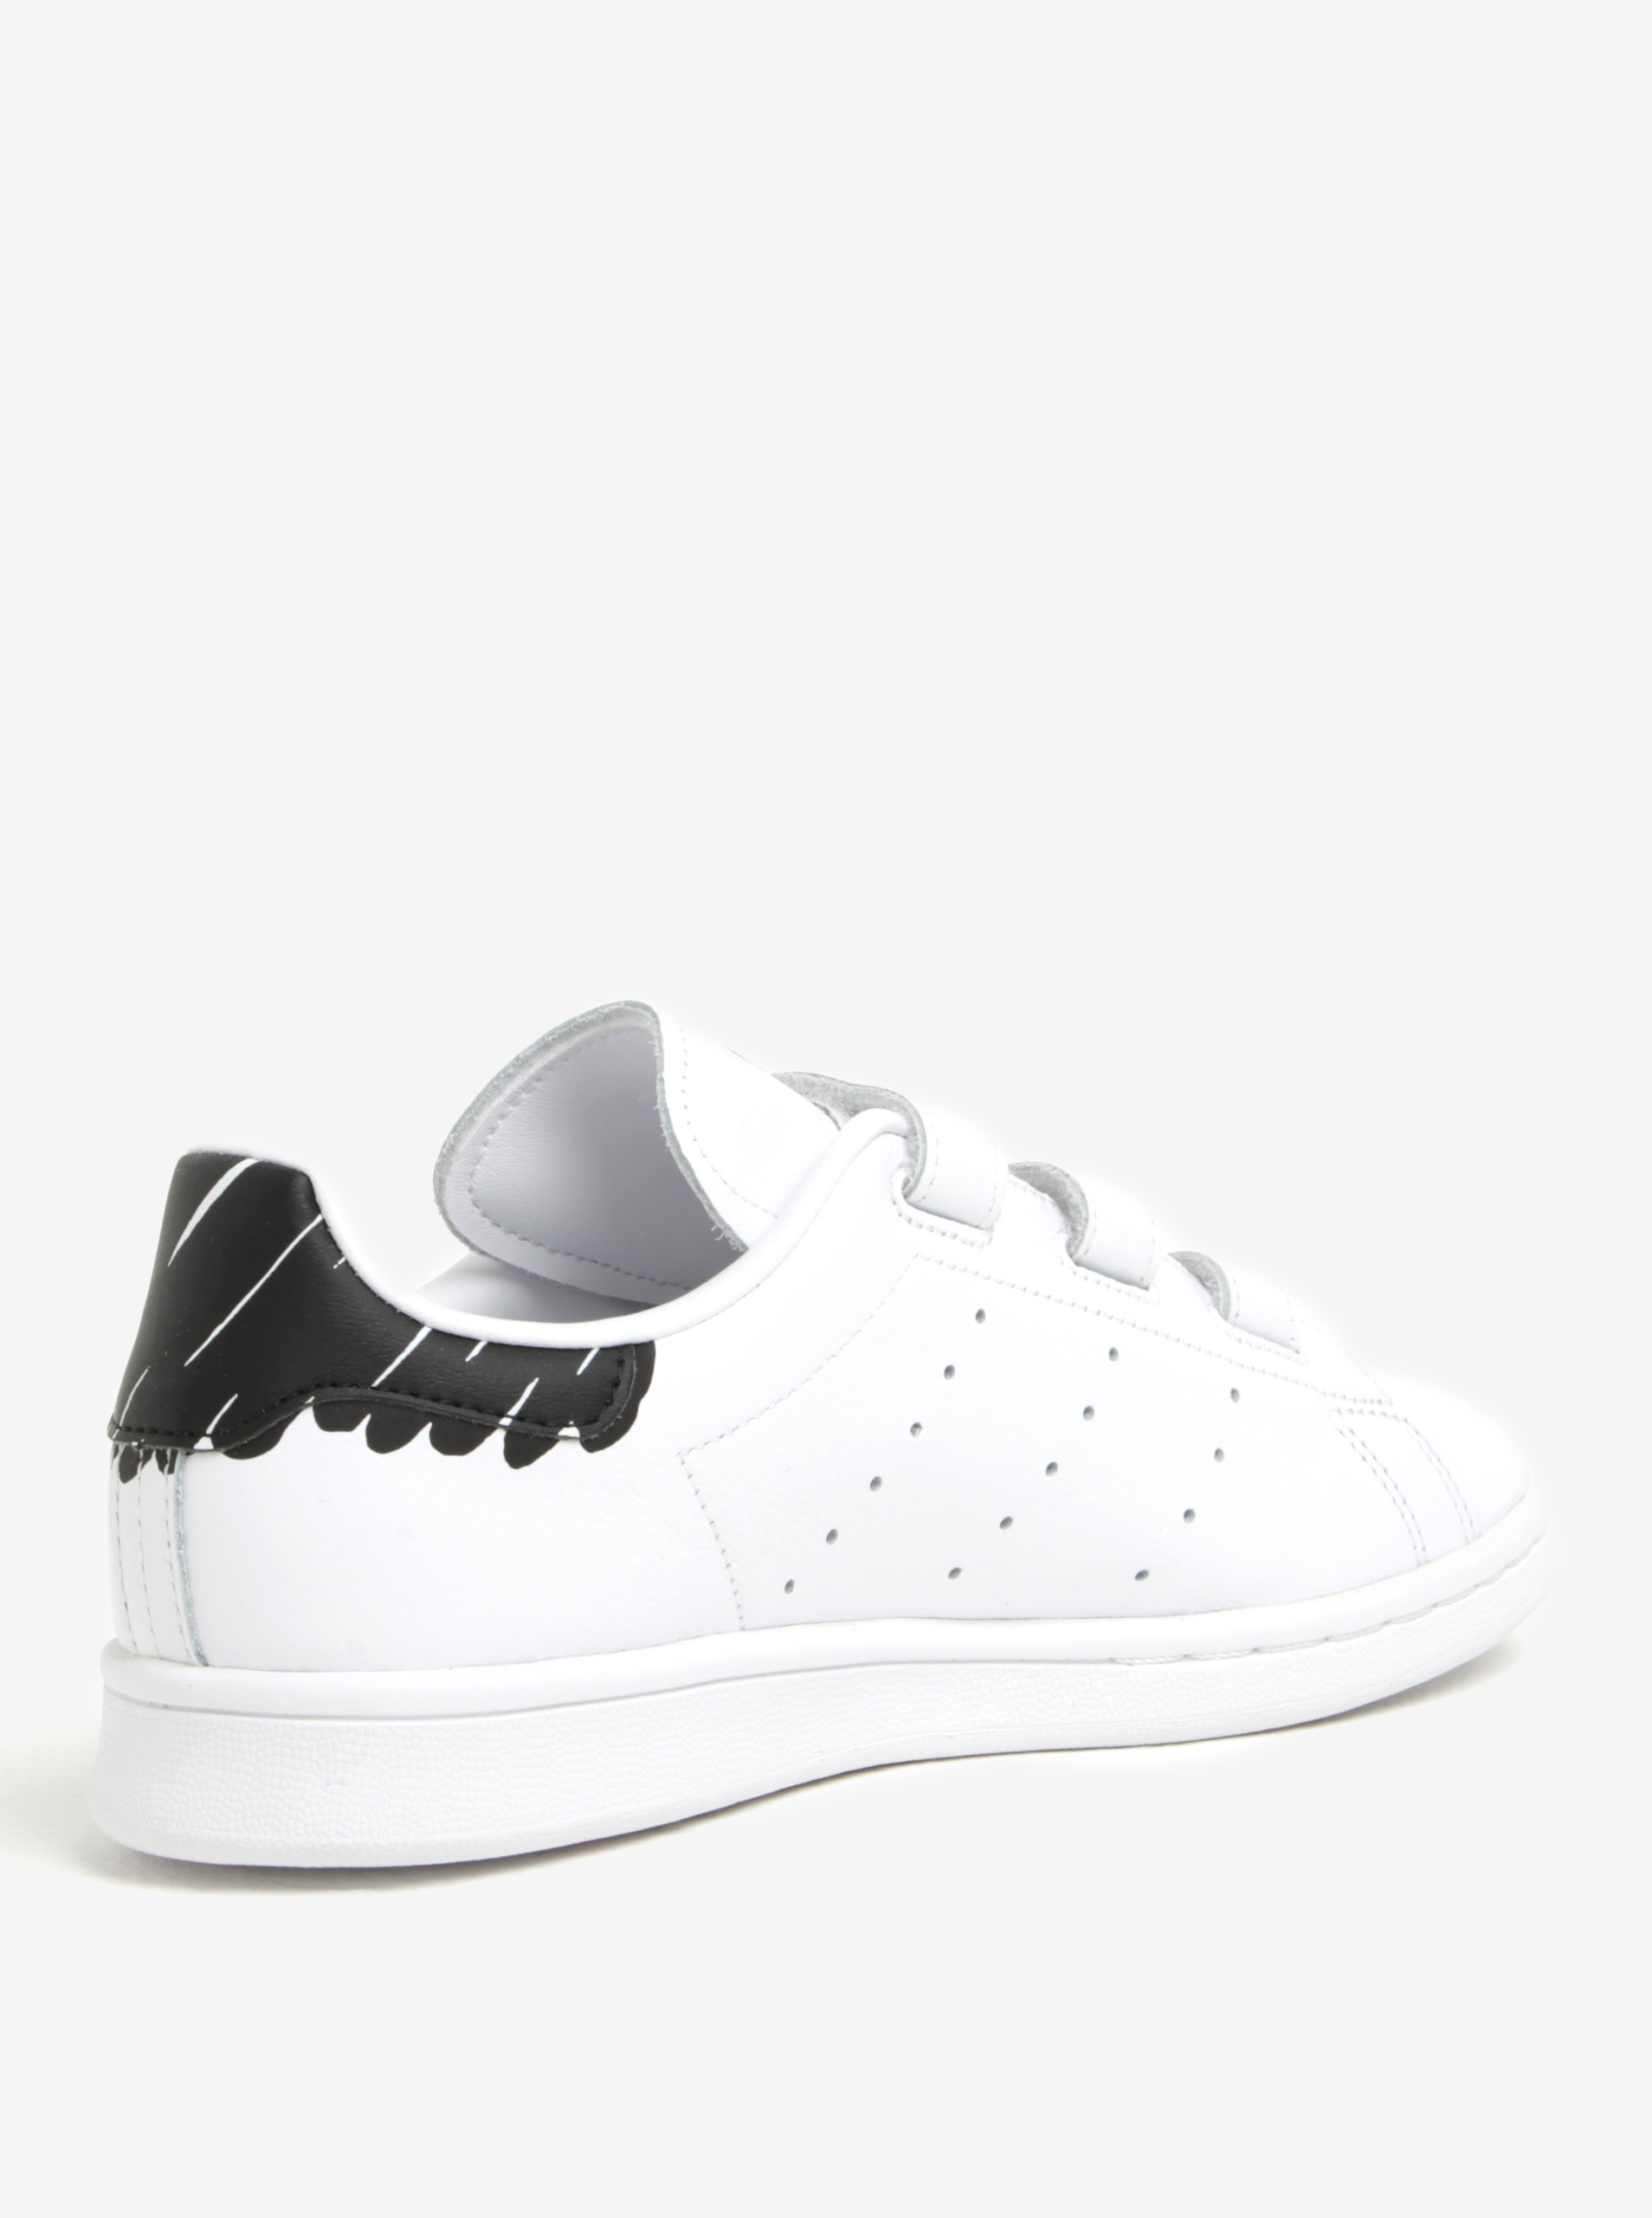 Bílé dámské tenisky na suchý zip adidas Originals Stan Smith ... 49c254b493